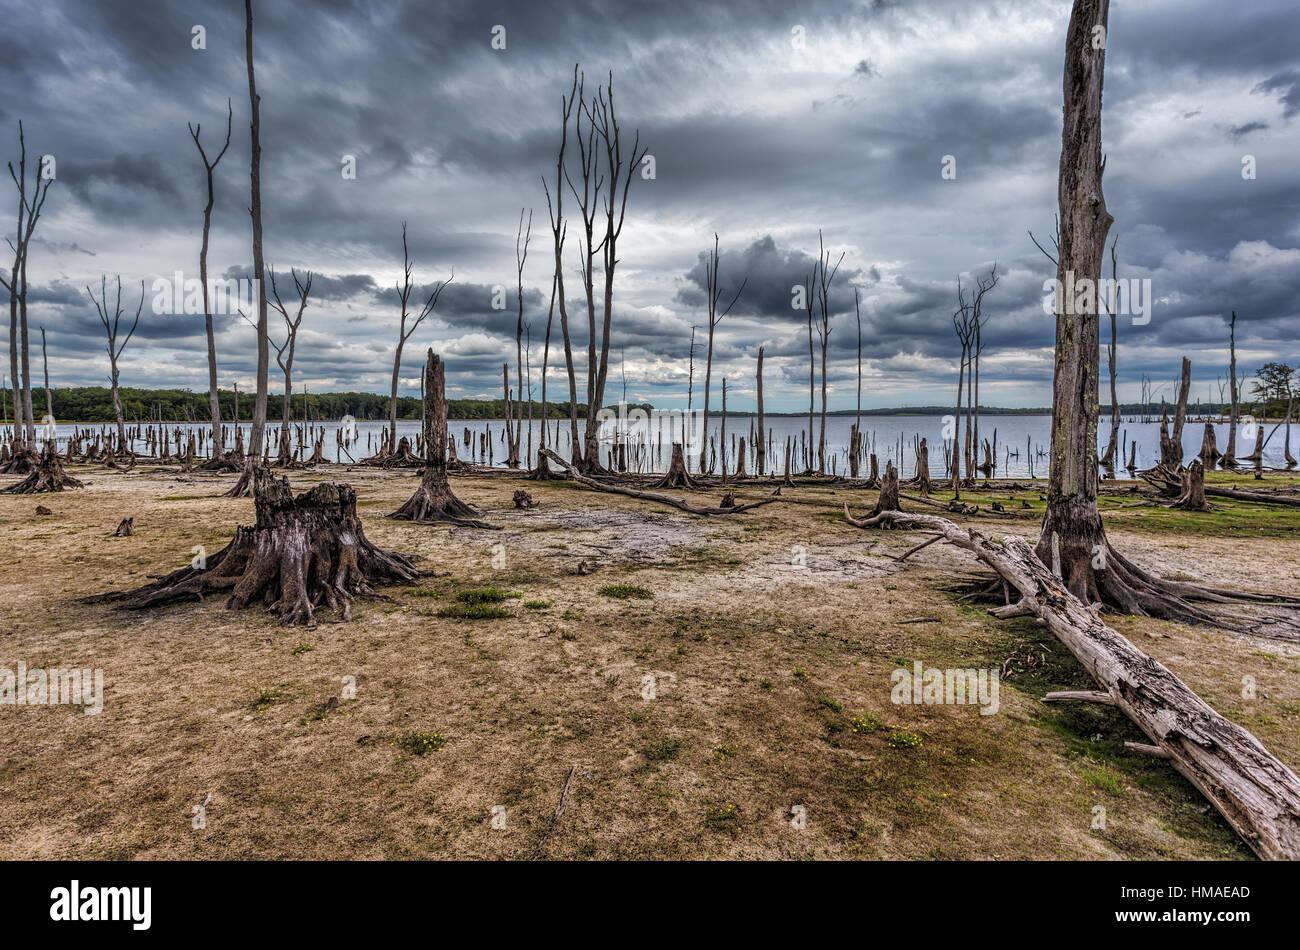 Los árboles muertos en el bosque alrededor de un lago con bajos niveles de agua. Esta foto muestra las condiciones Imagen De Stock